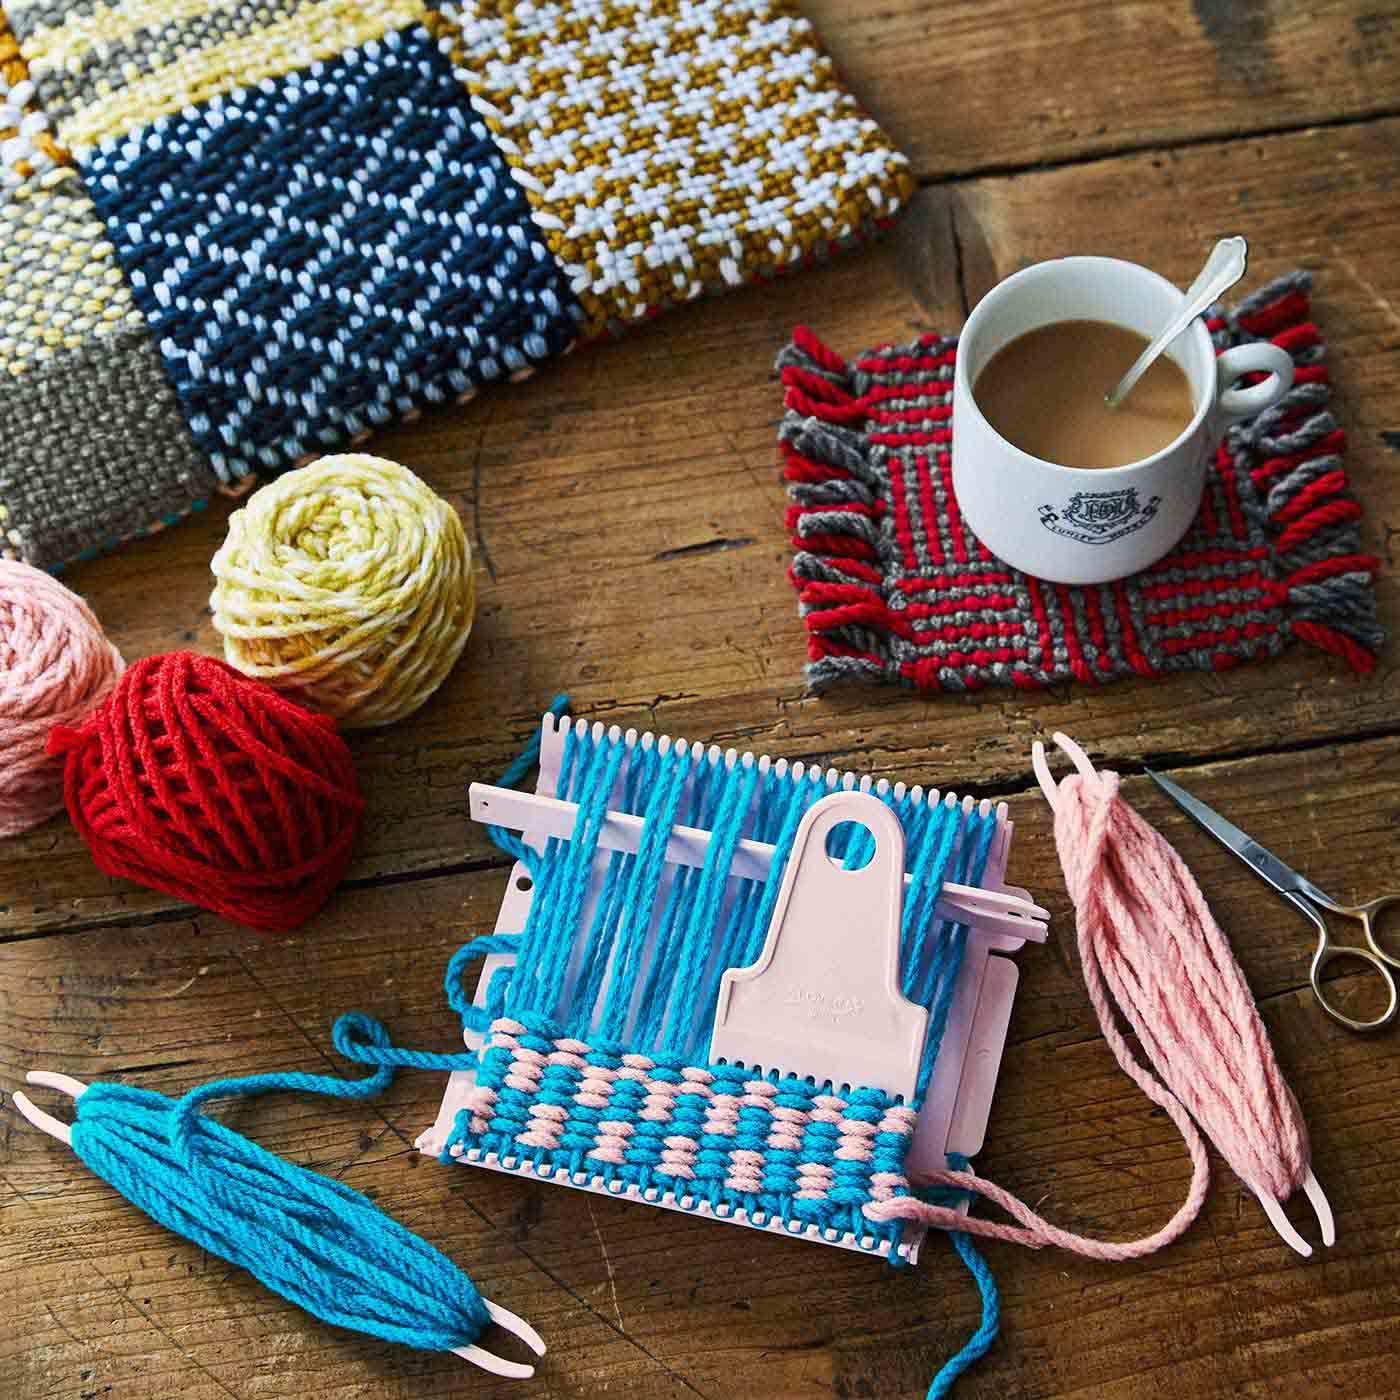 Couturier[クチュリエ]|私にも作れる! 模様が楽しい 手織りのコースターの会